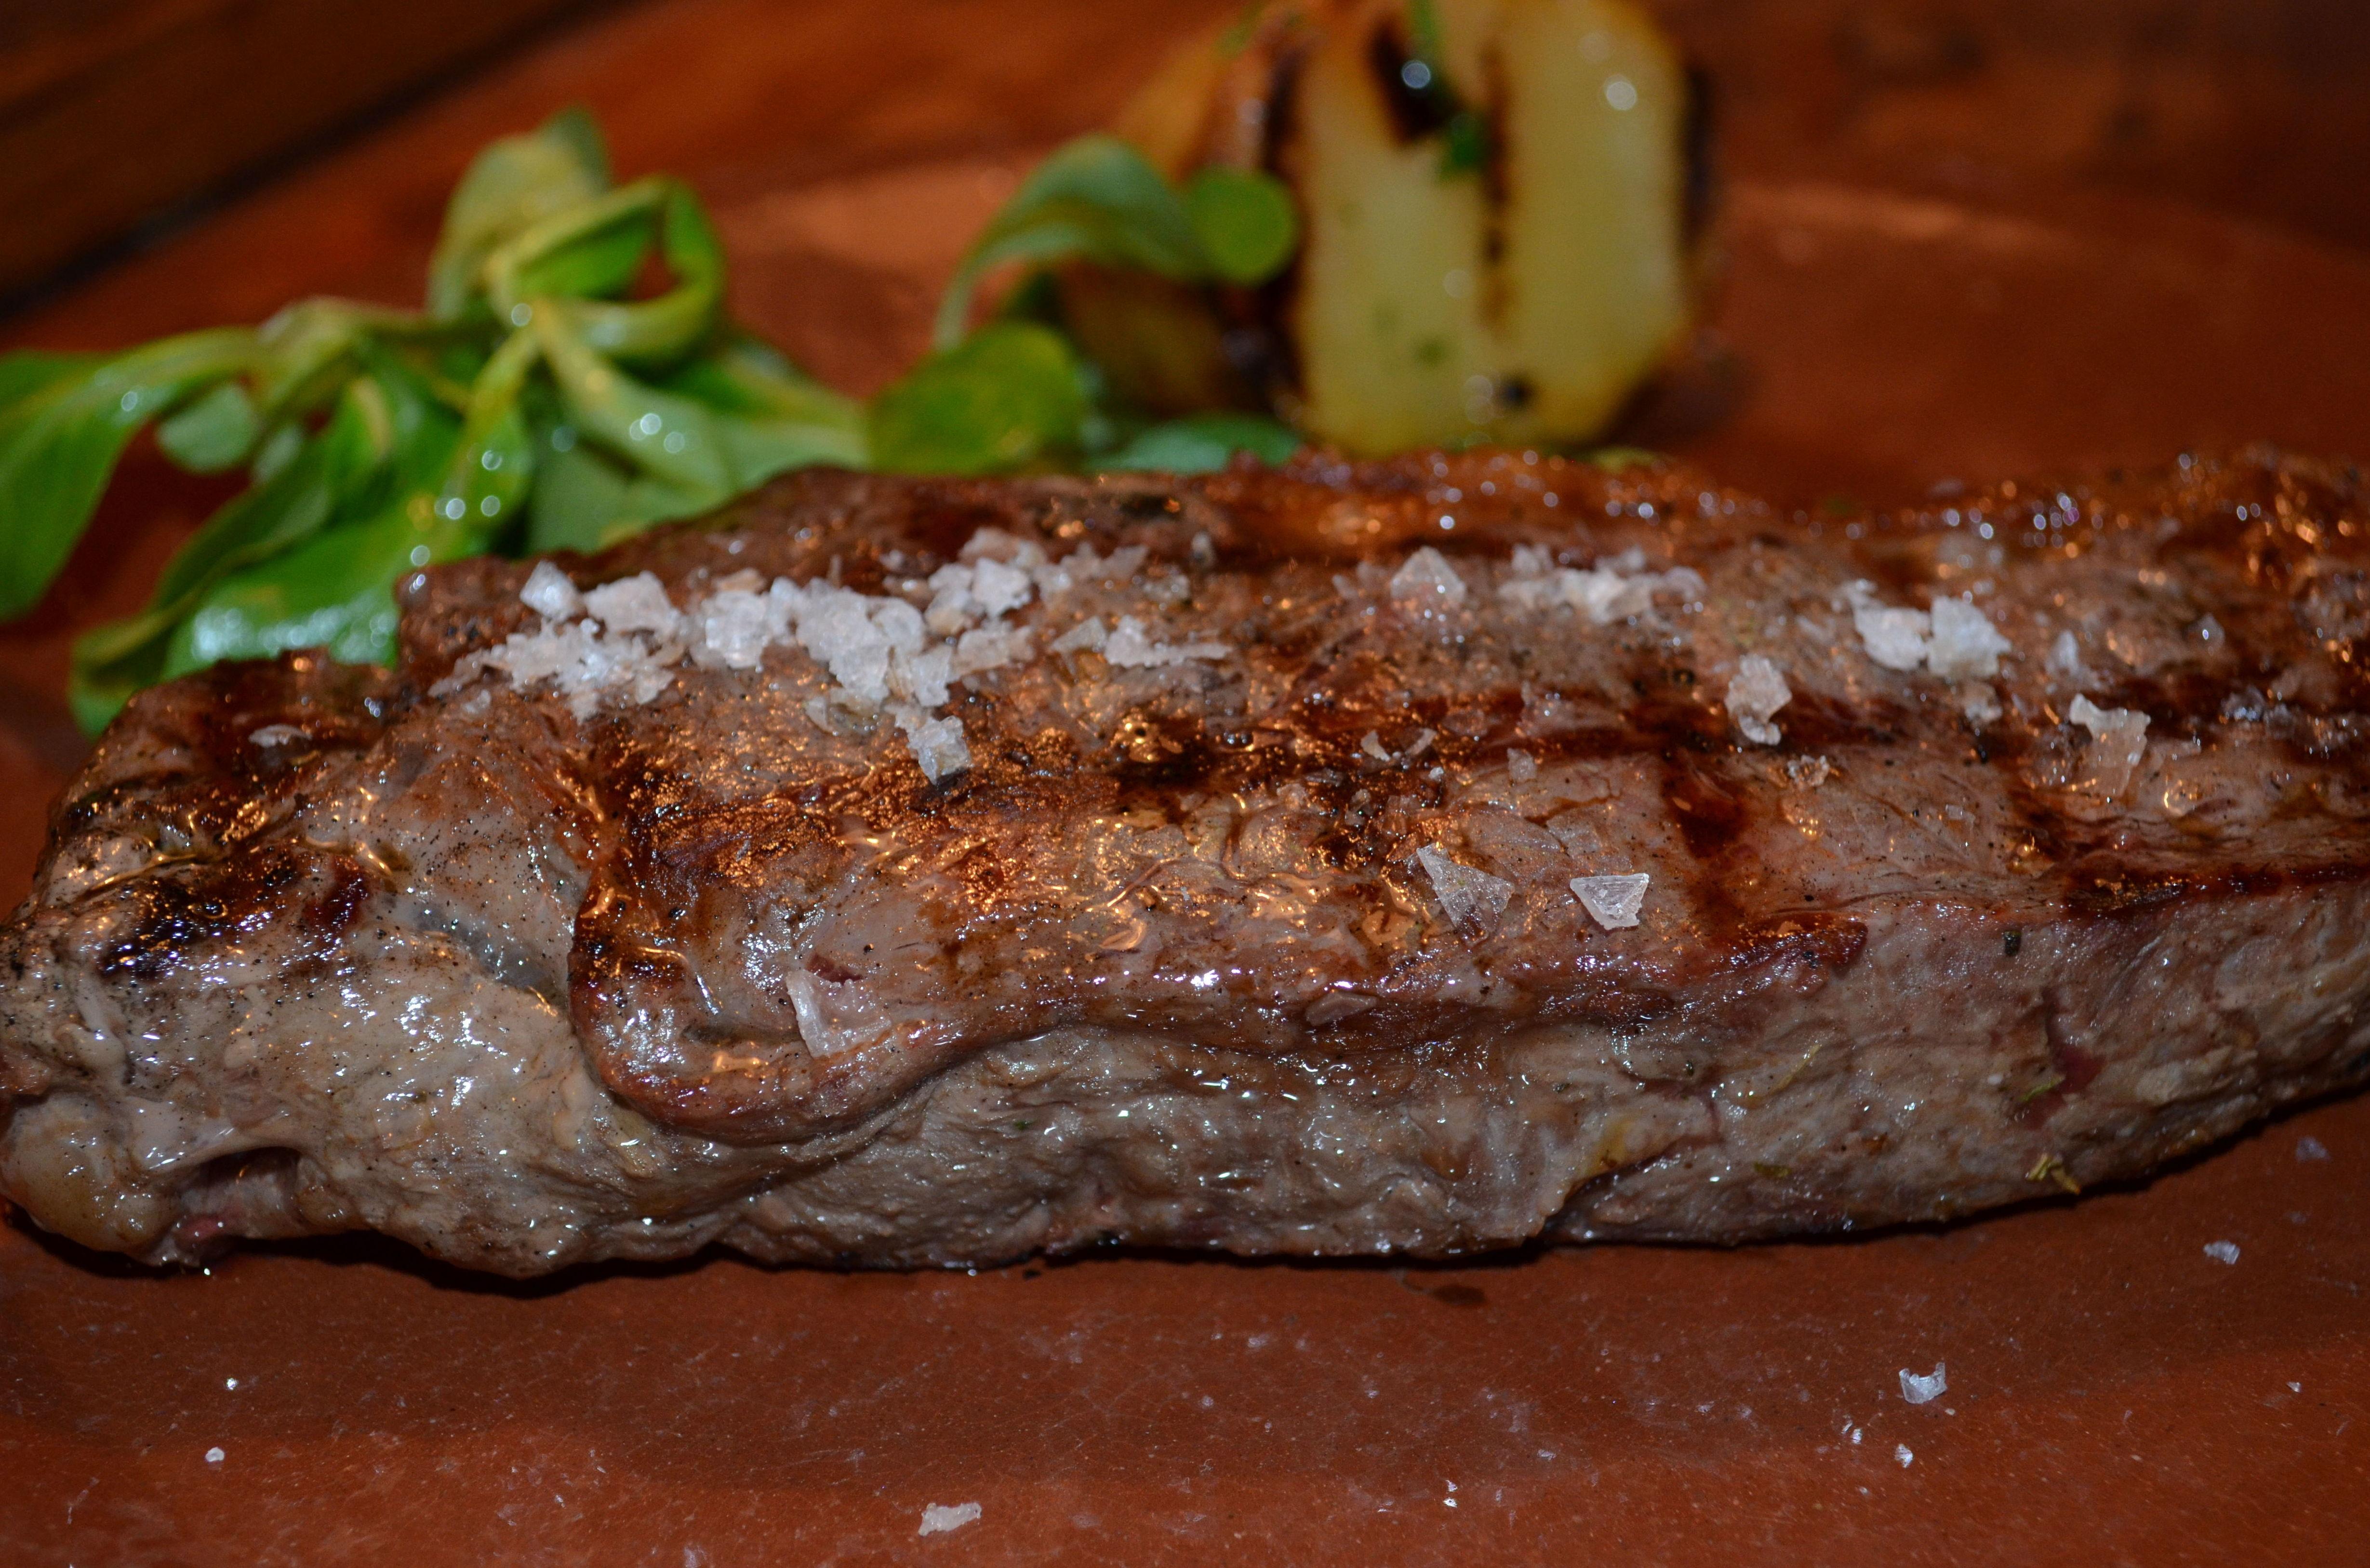 Foto 14 de Cocina mediterránea en Santa Eulària des Riu | Restaurante Parrilla con huerto propio